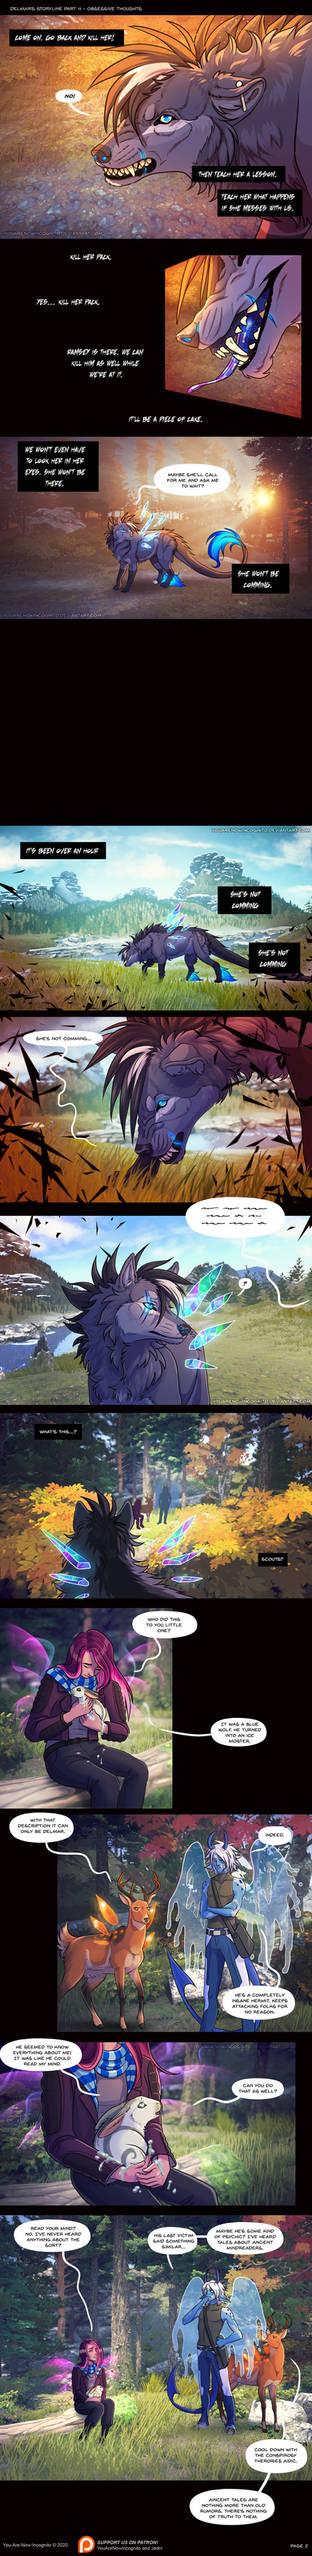 DSL part 4 page 2 - comic